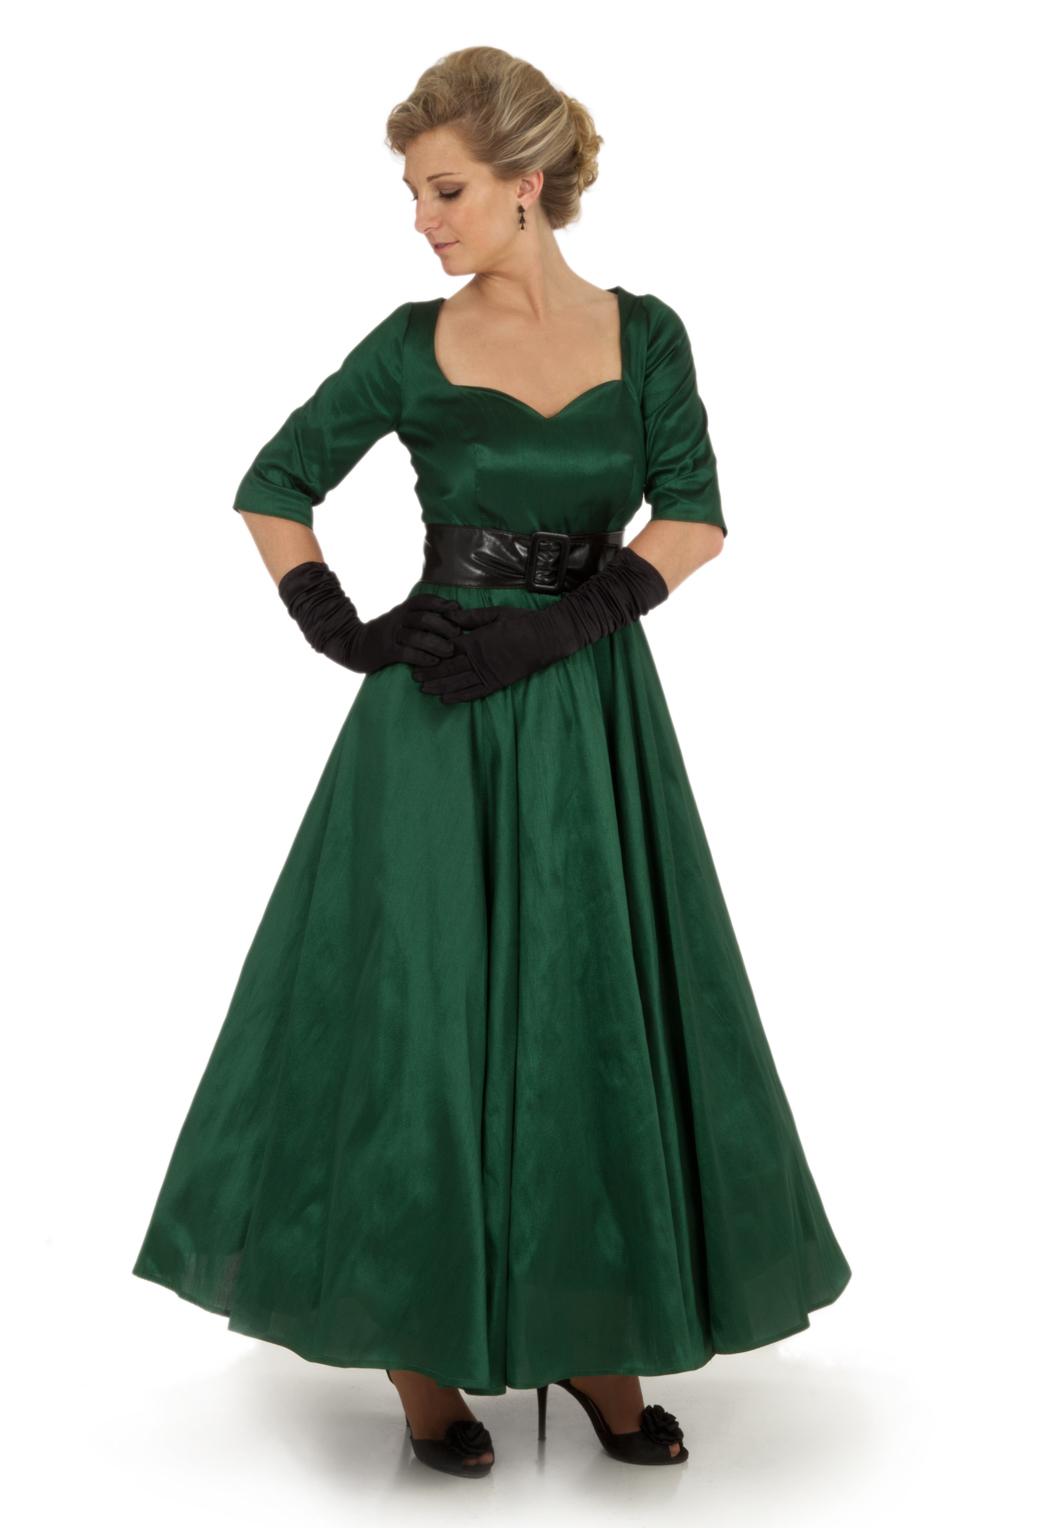 Sonya Retro 50s Styled Dress